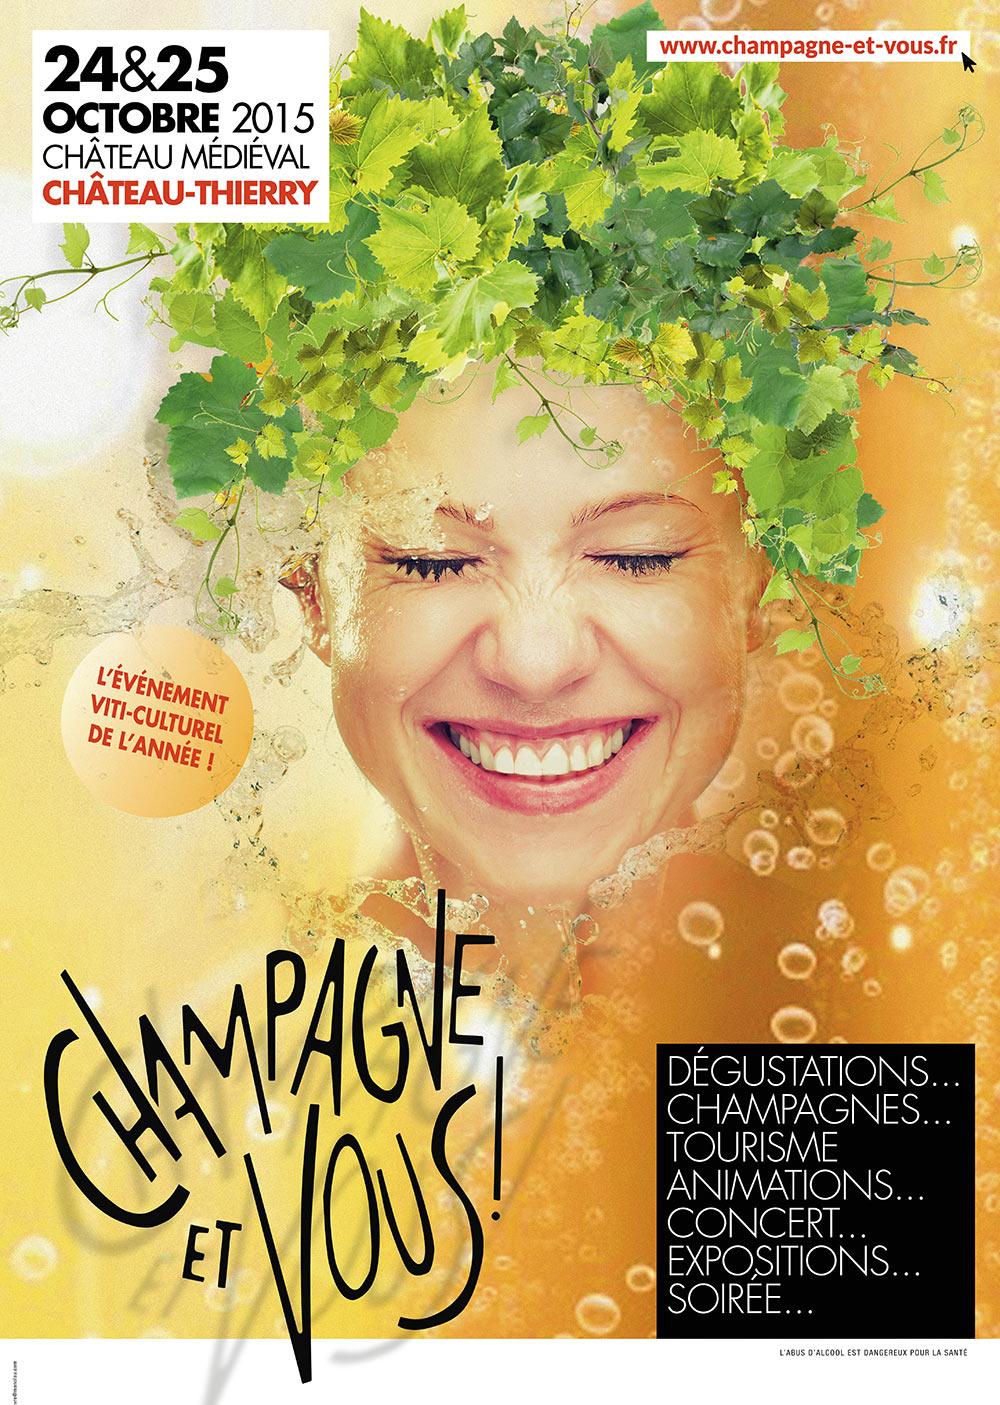 Champagne Belin Producteur De Champagne Champagne Et